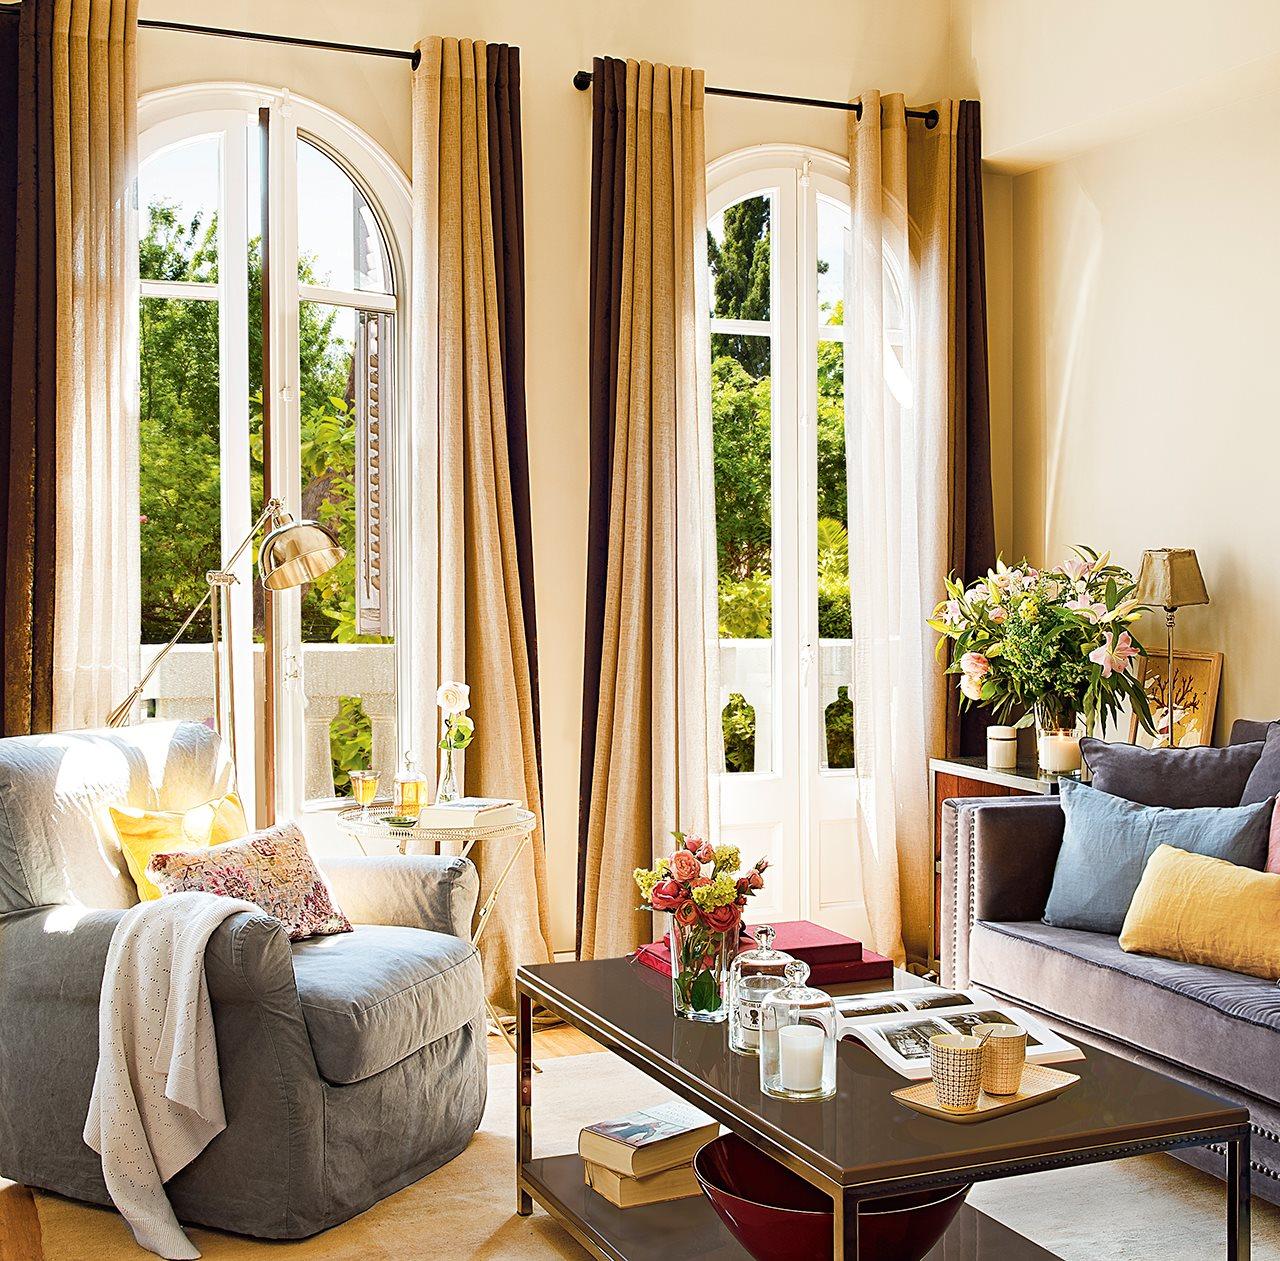 17 советов для идеального дома